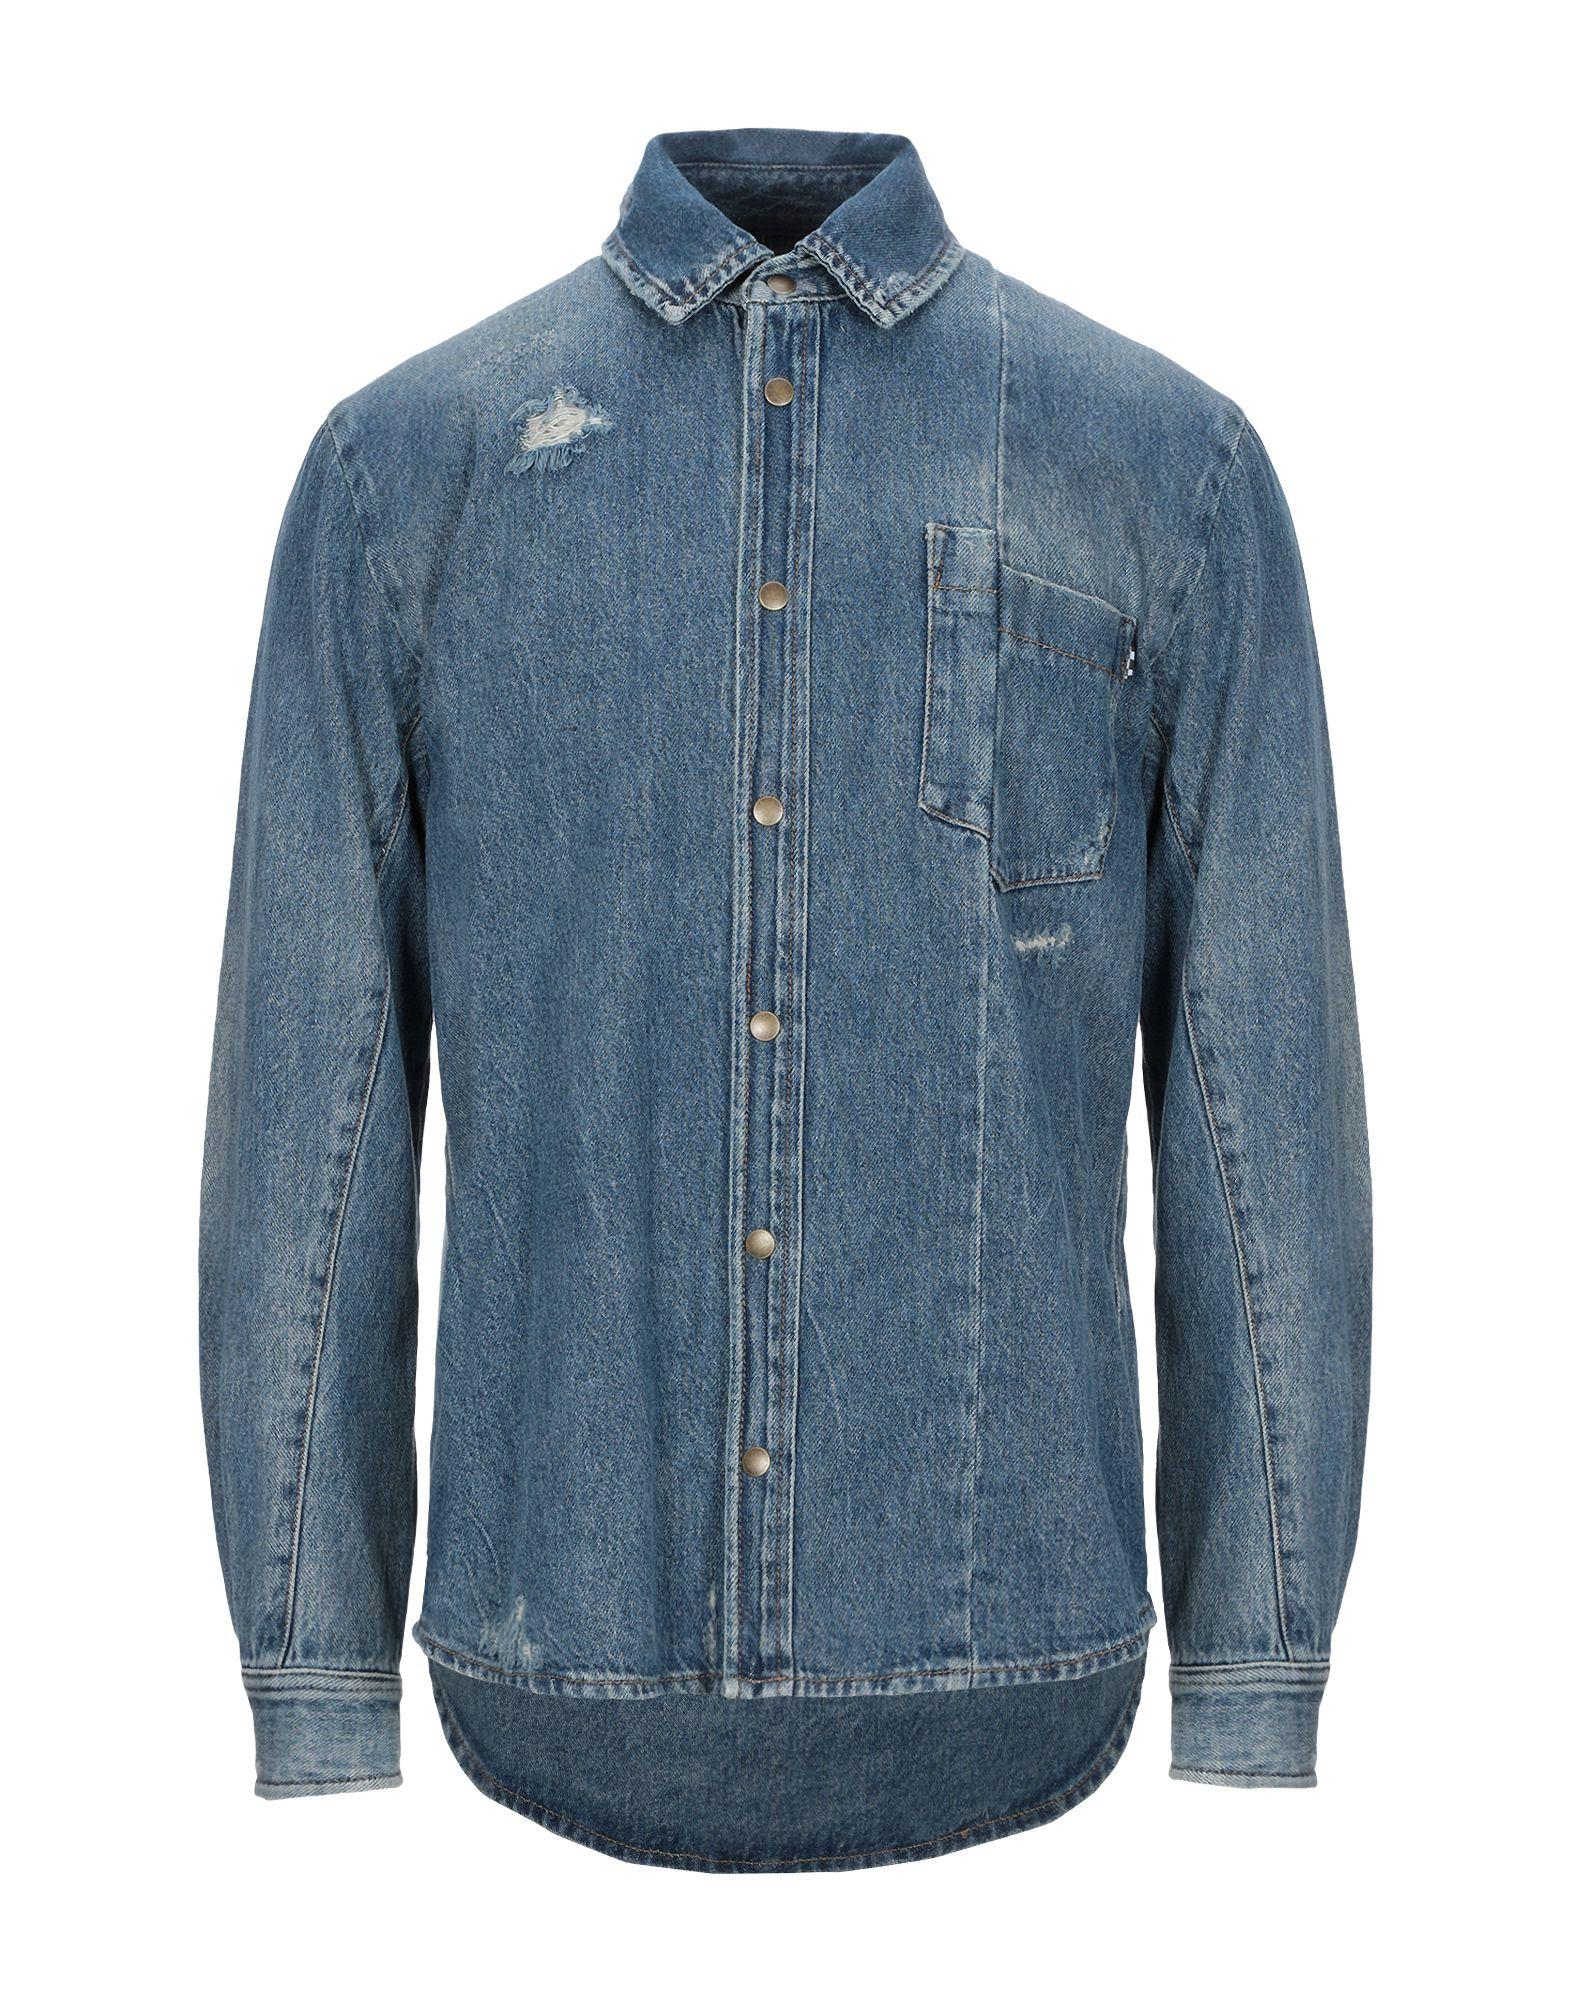 рубашка alexander mcqueen рубашка McQ Alexander McQueen Джинсовая рубашка